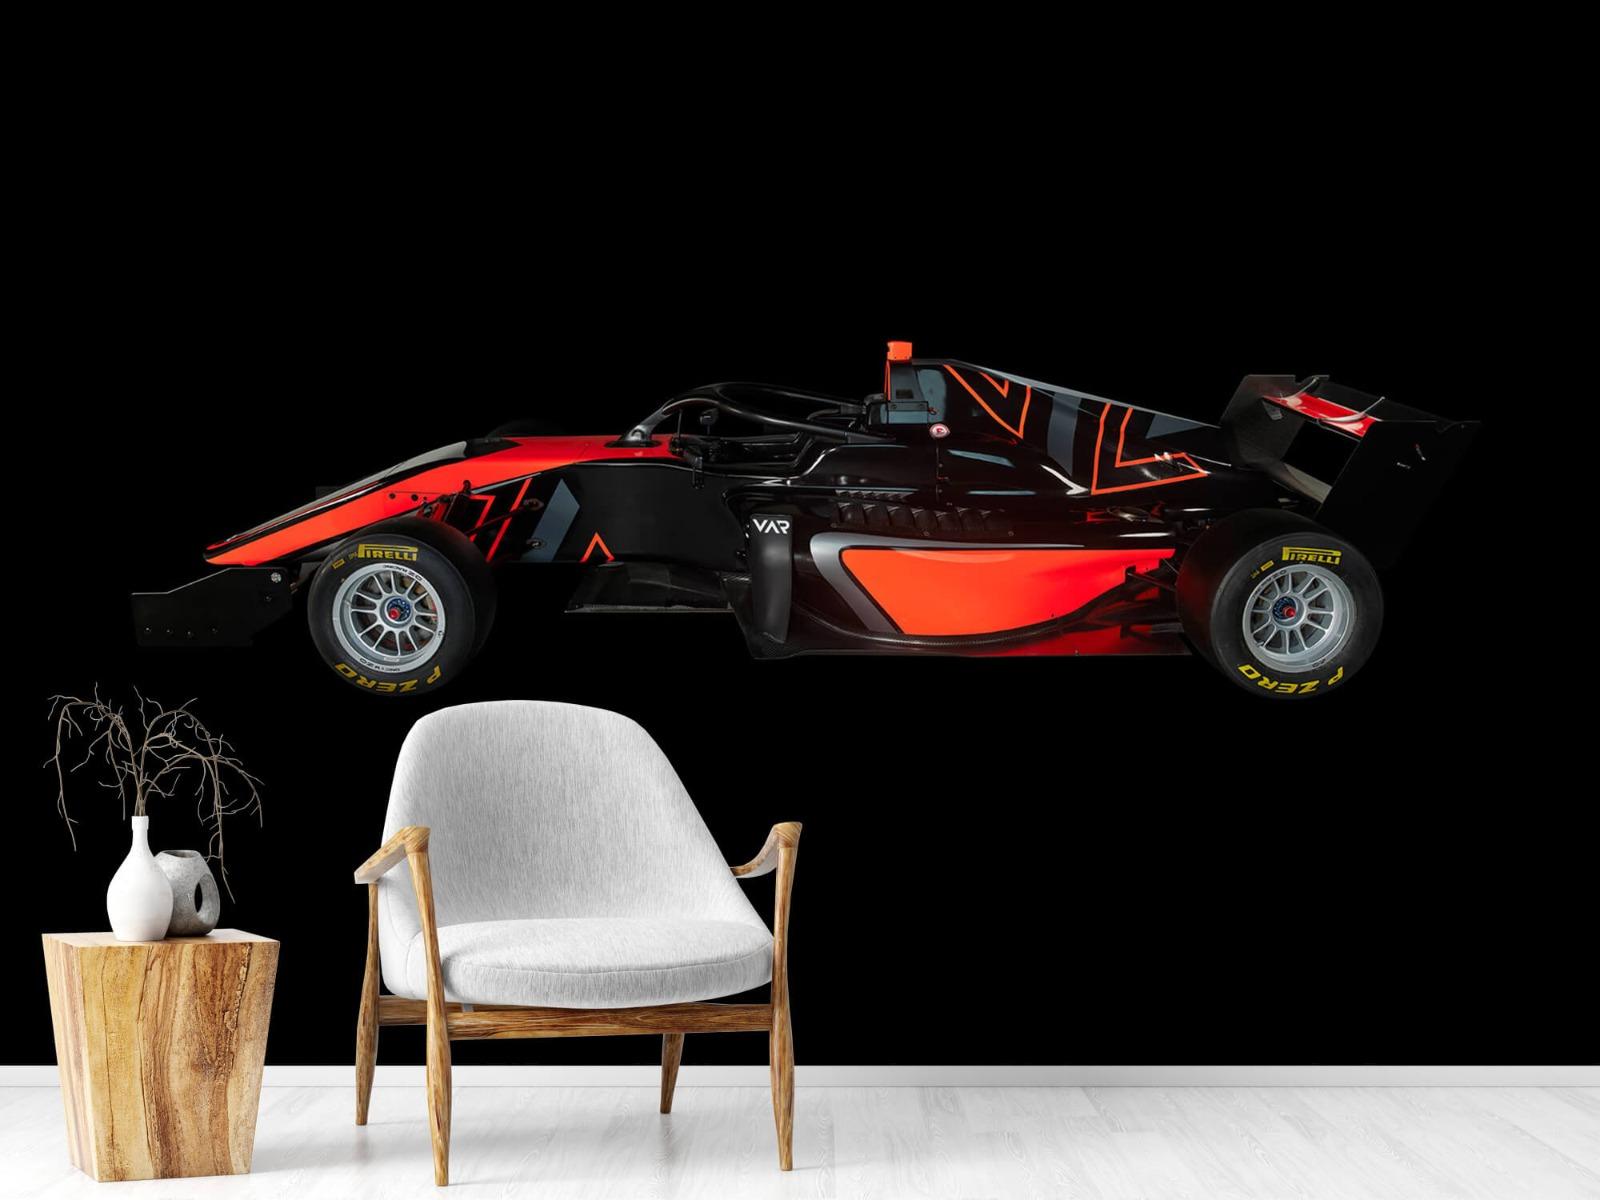 Sportauto's - Formula 3 - Side view - dark - Garage 19